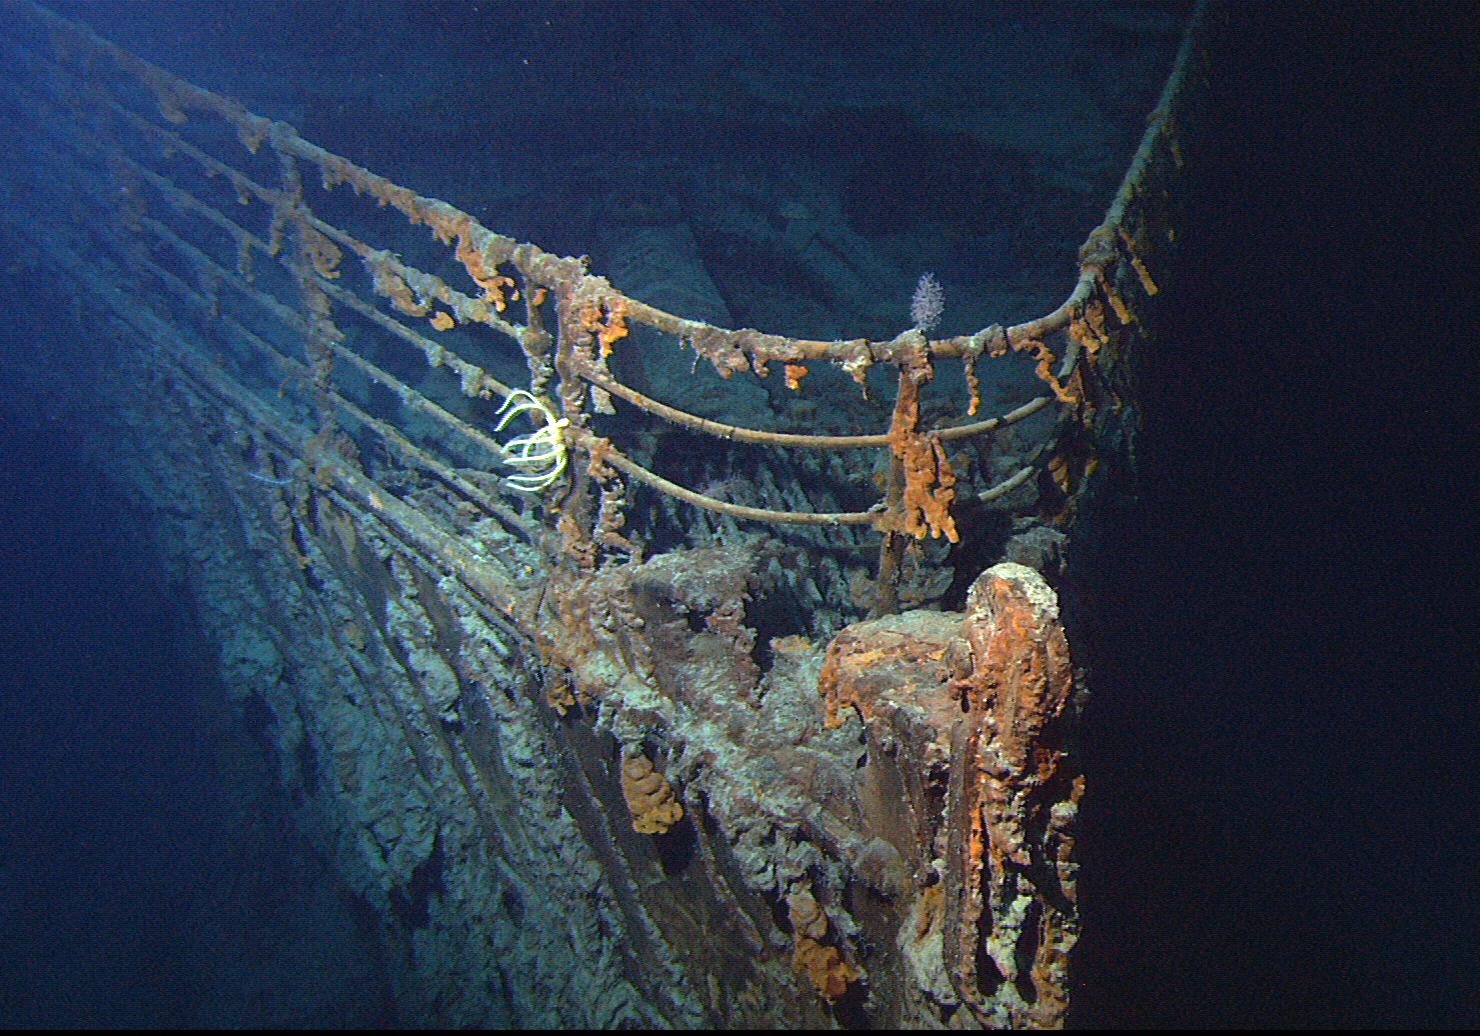 Titanic II ar putea naviga în 2022, urmând ruta originală